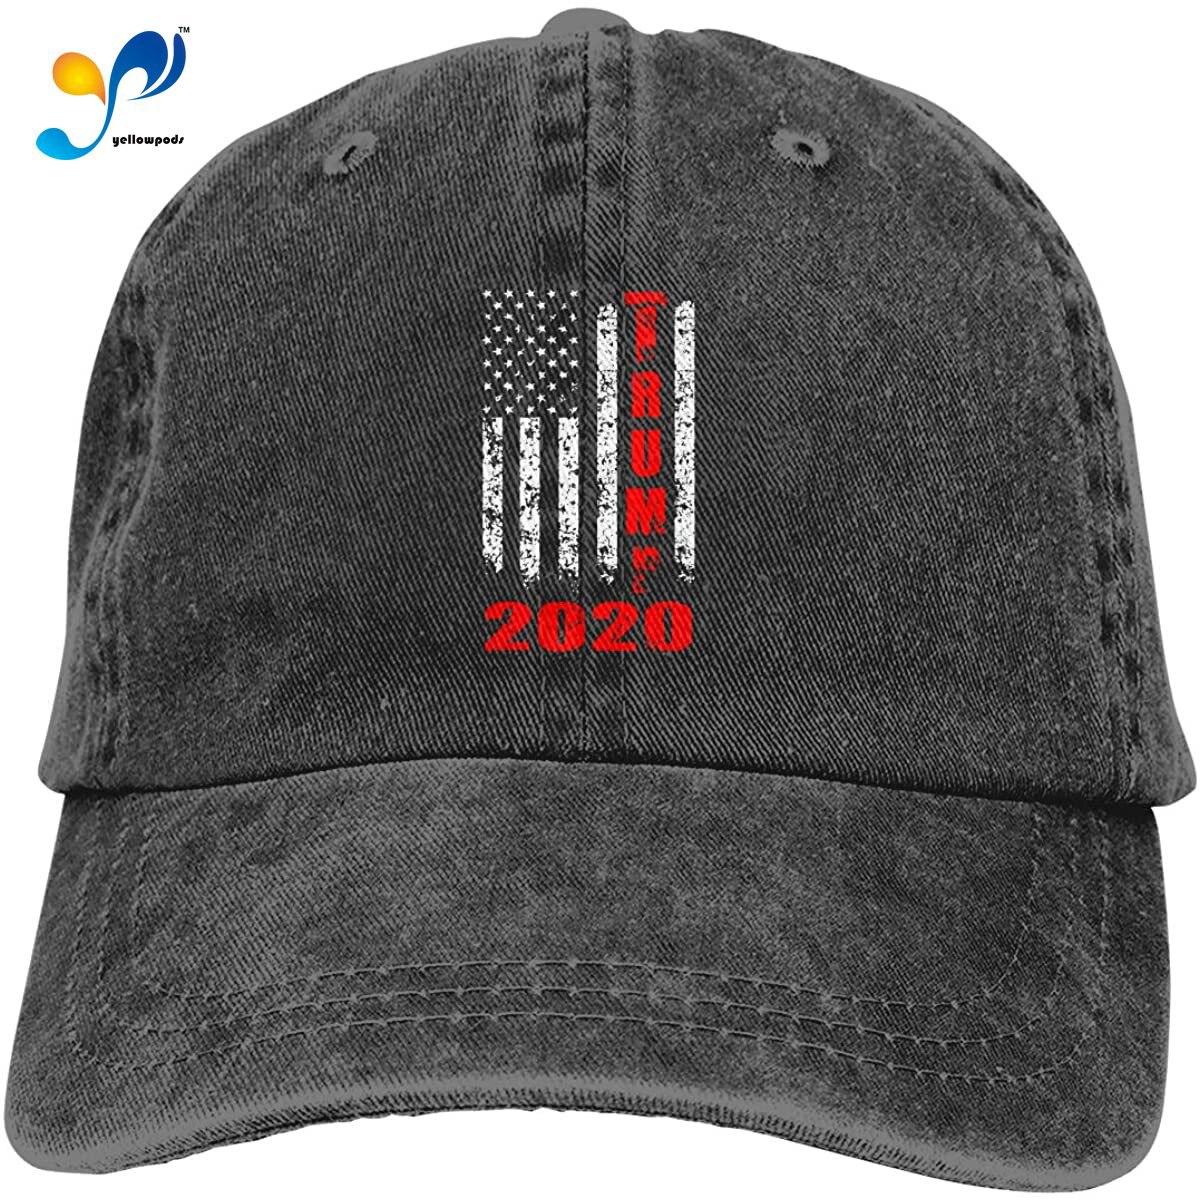 Бейсболка унисекс в стиле Калифорнии, стильная винтажная Регулируемая джинсовая хлопковая кепка-поло с эффектом потертости